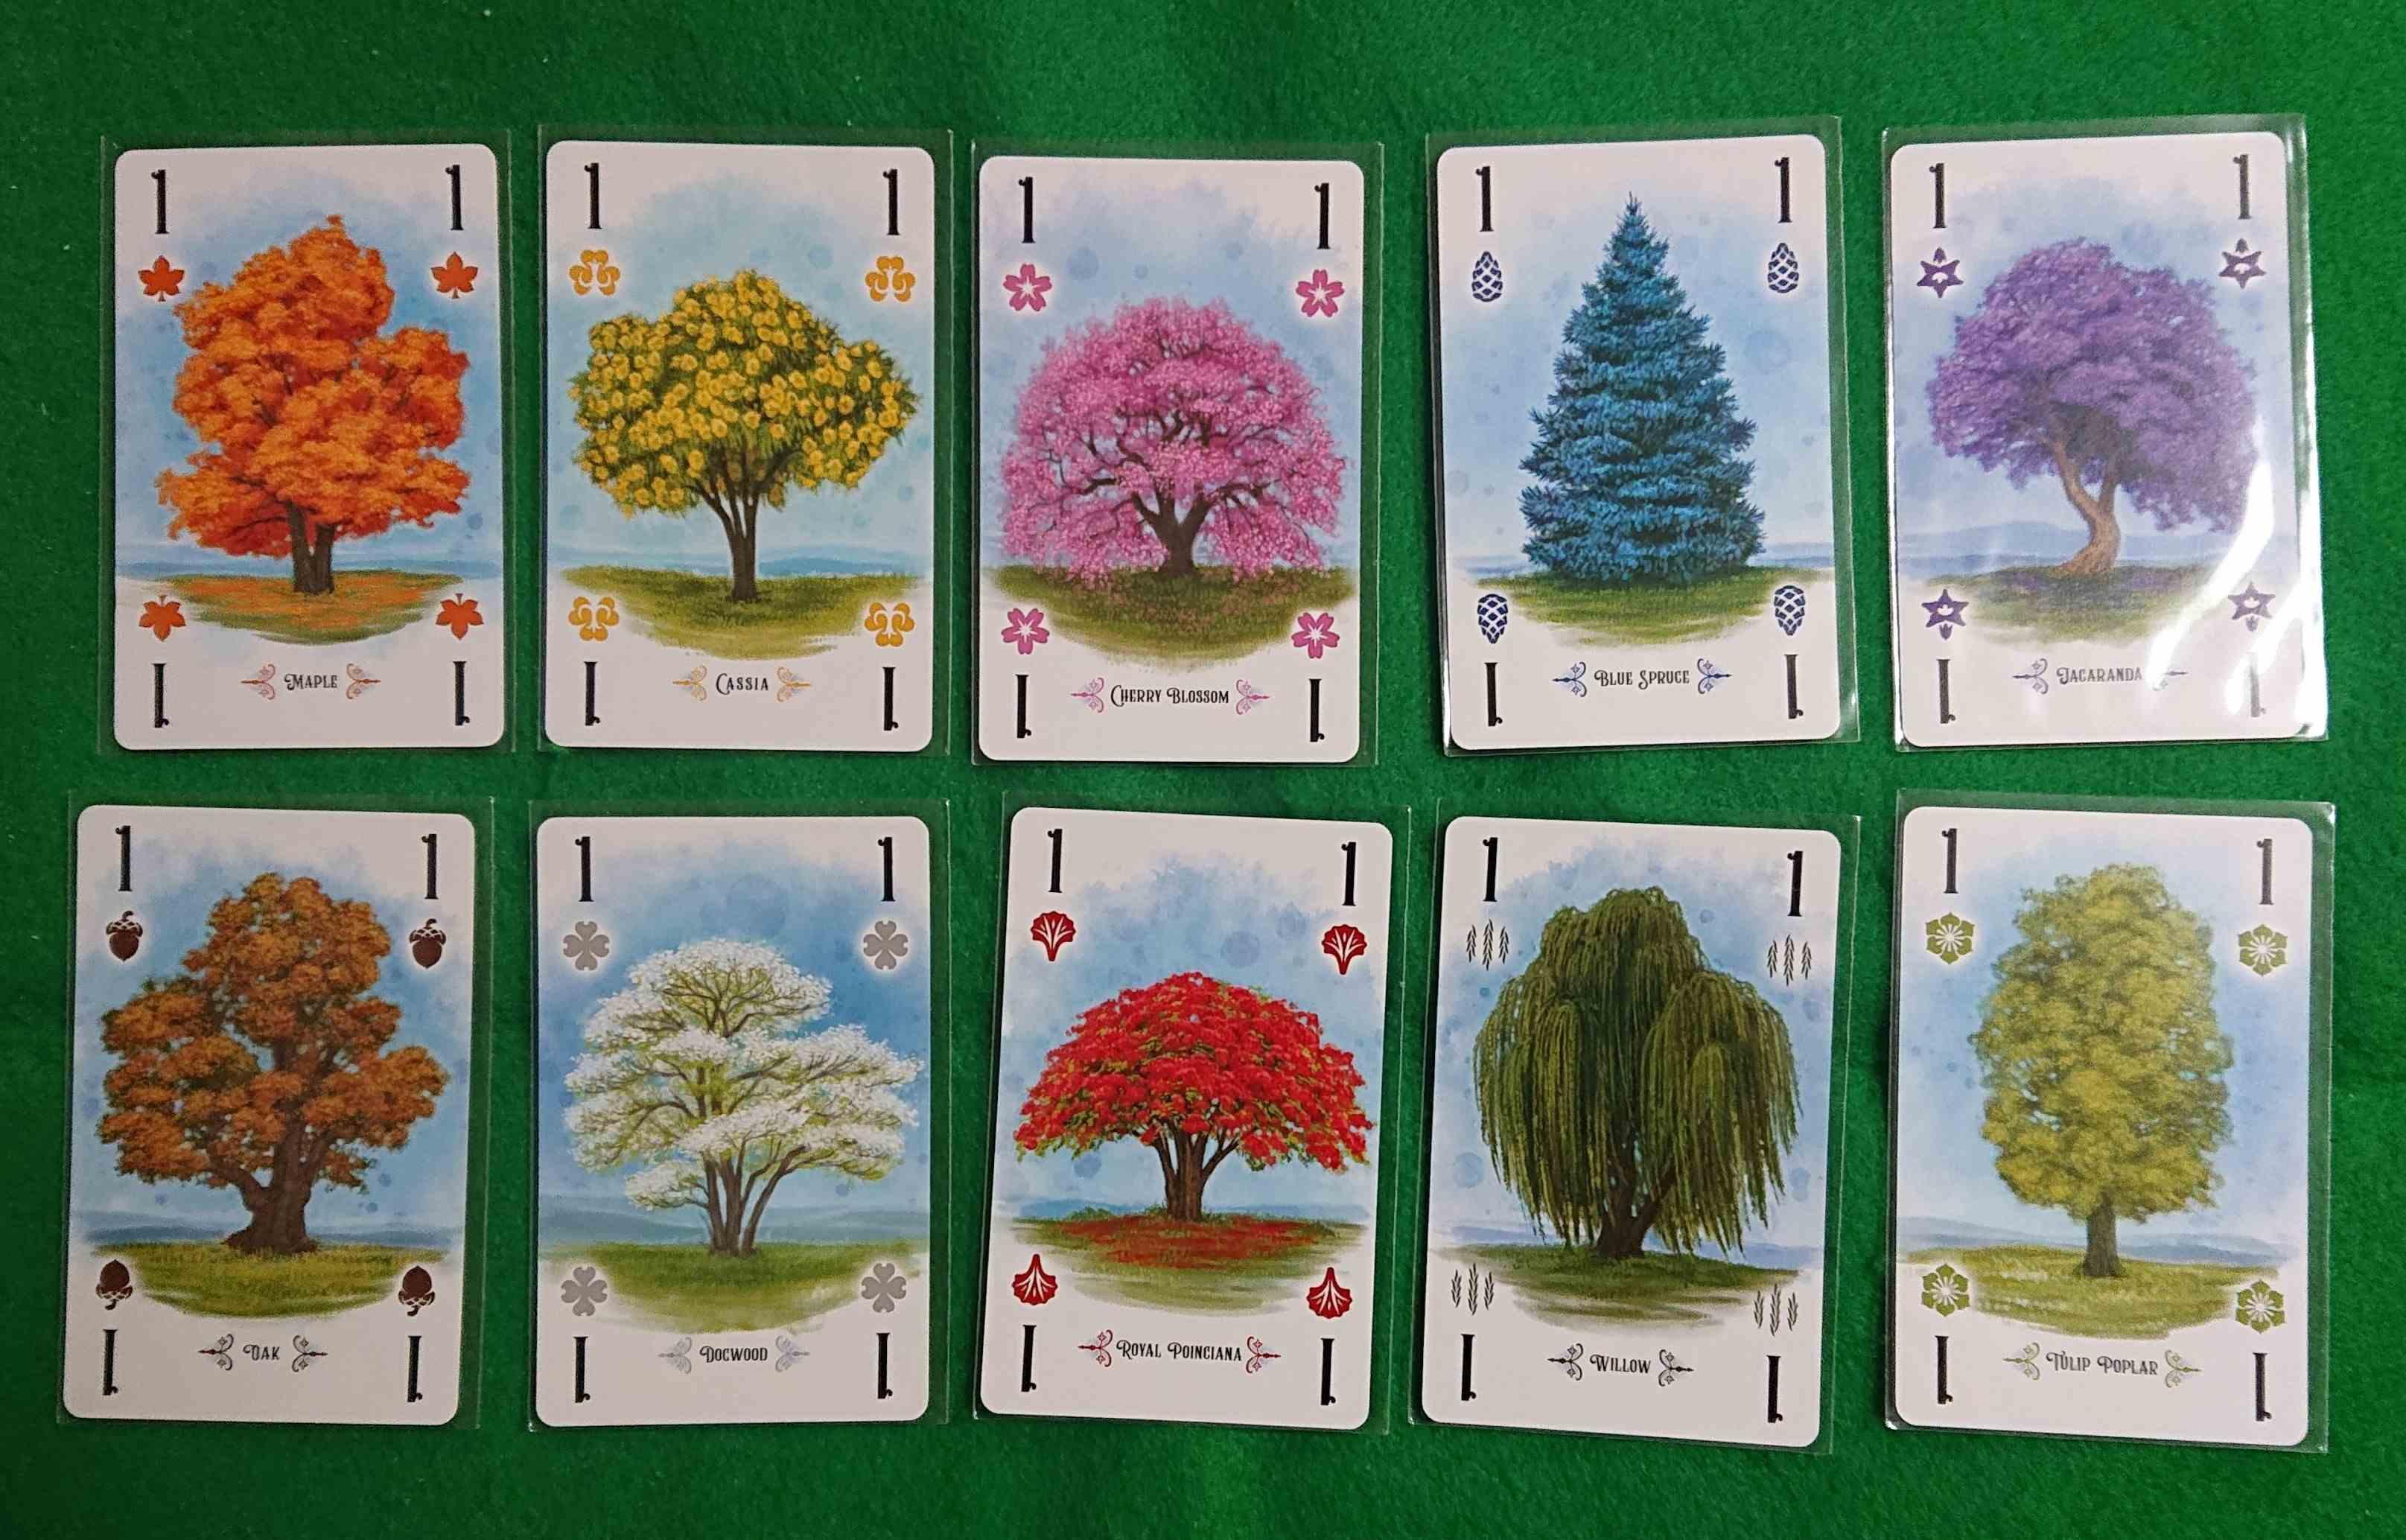 アーボレータム(ARBORETUM) 綺麗な並木道を作ろう! 見た目とは反対にシビアな苦しい楽しいカードゲーム ボードゲーム